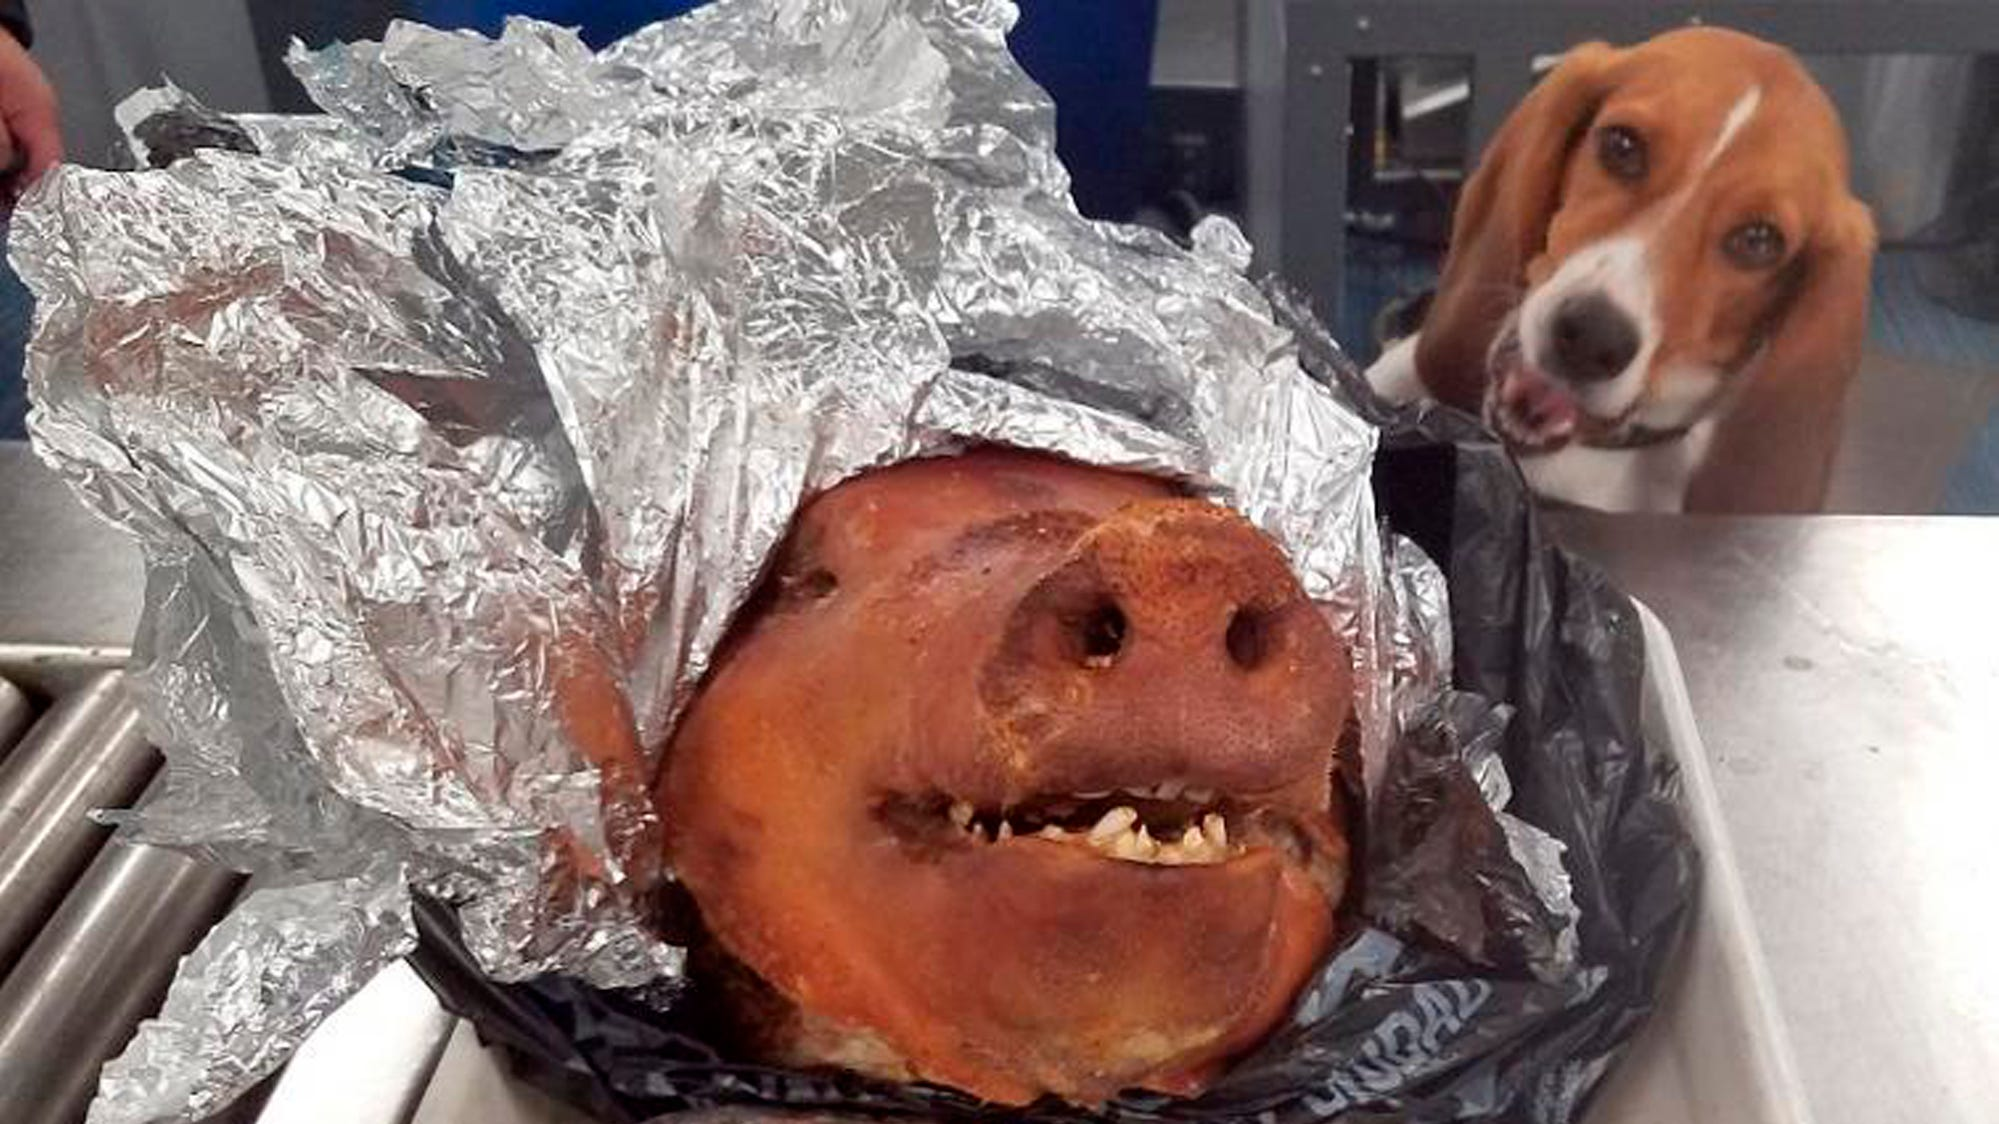 LOOK: Cute Customs beagle intercepts roast pig at Atlanta airport